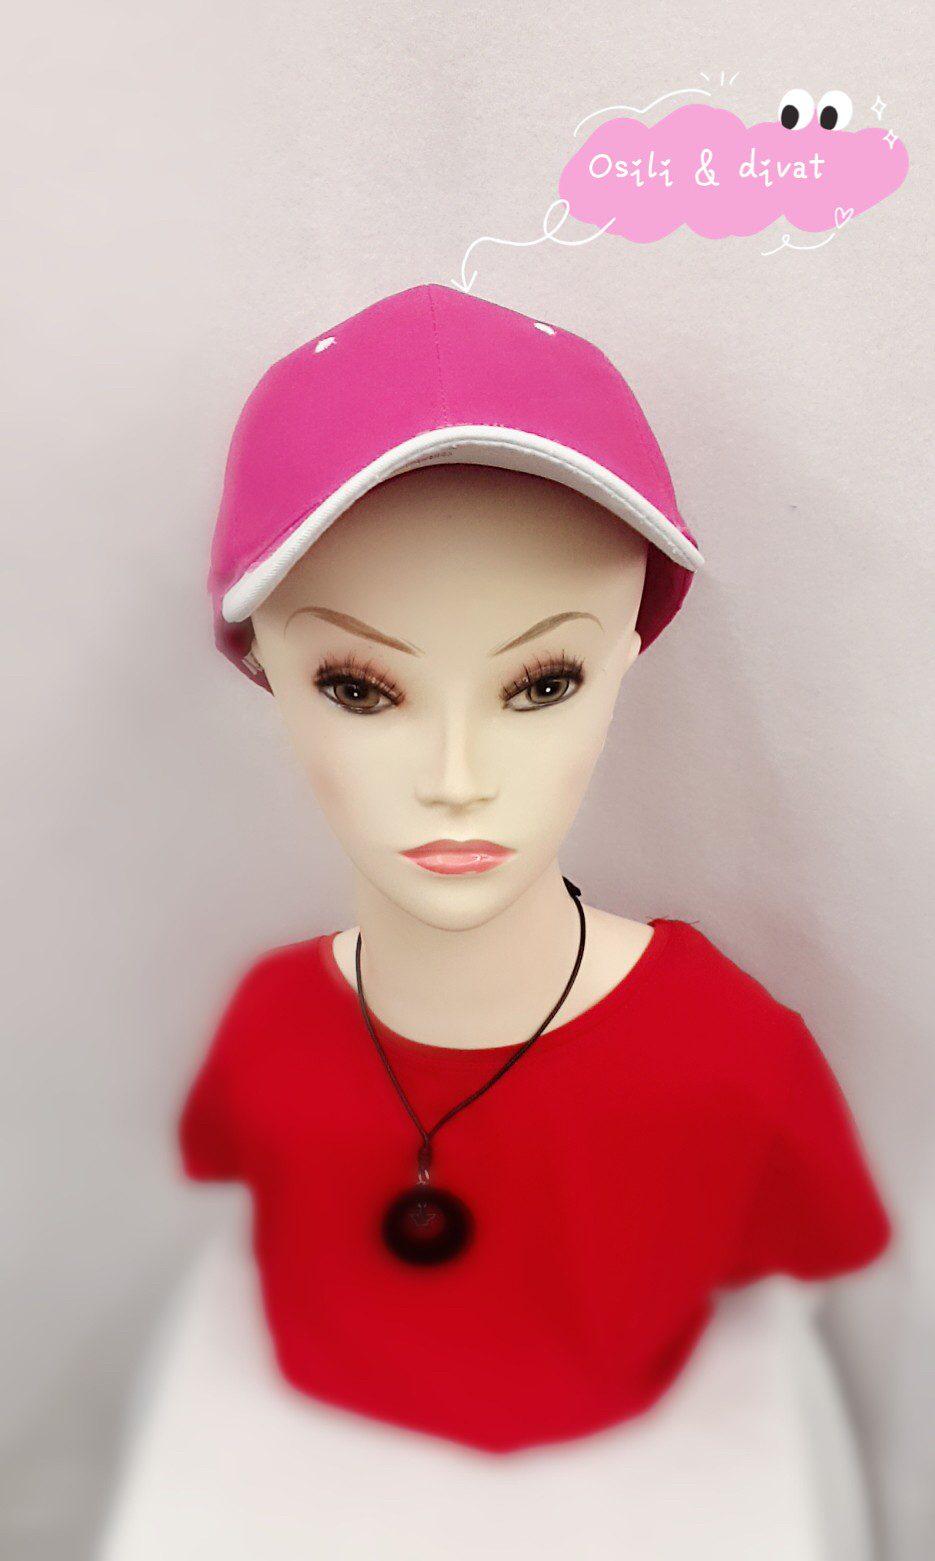 IMG 6153 Osili - Fashion - Divat